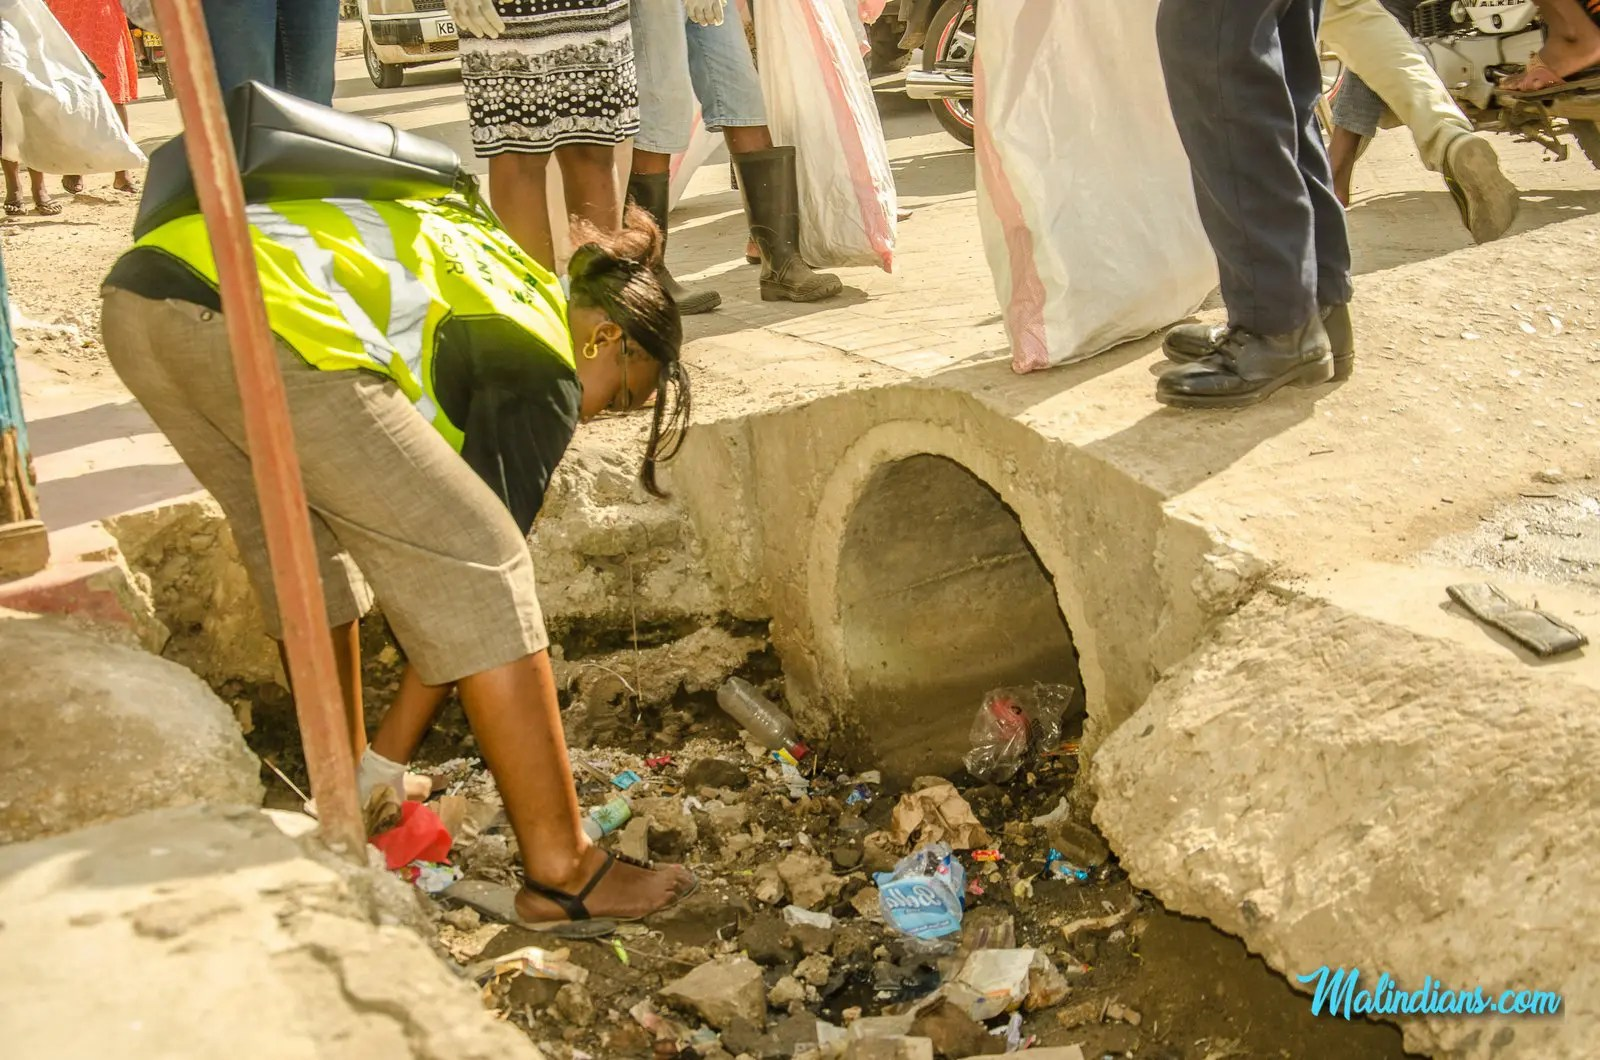 Malindi Town Clean up Kisumu Ndogo 95 - Malindi Town Clean-up in Kisumu Ndogo ( Pictorial)